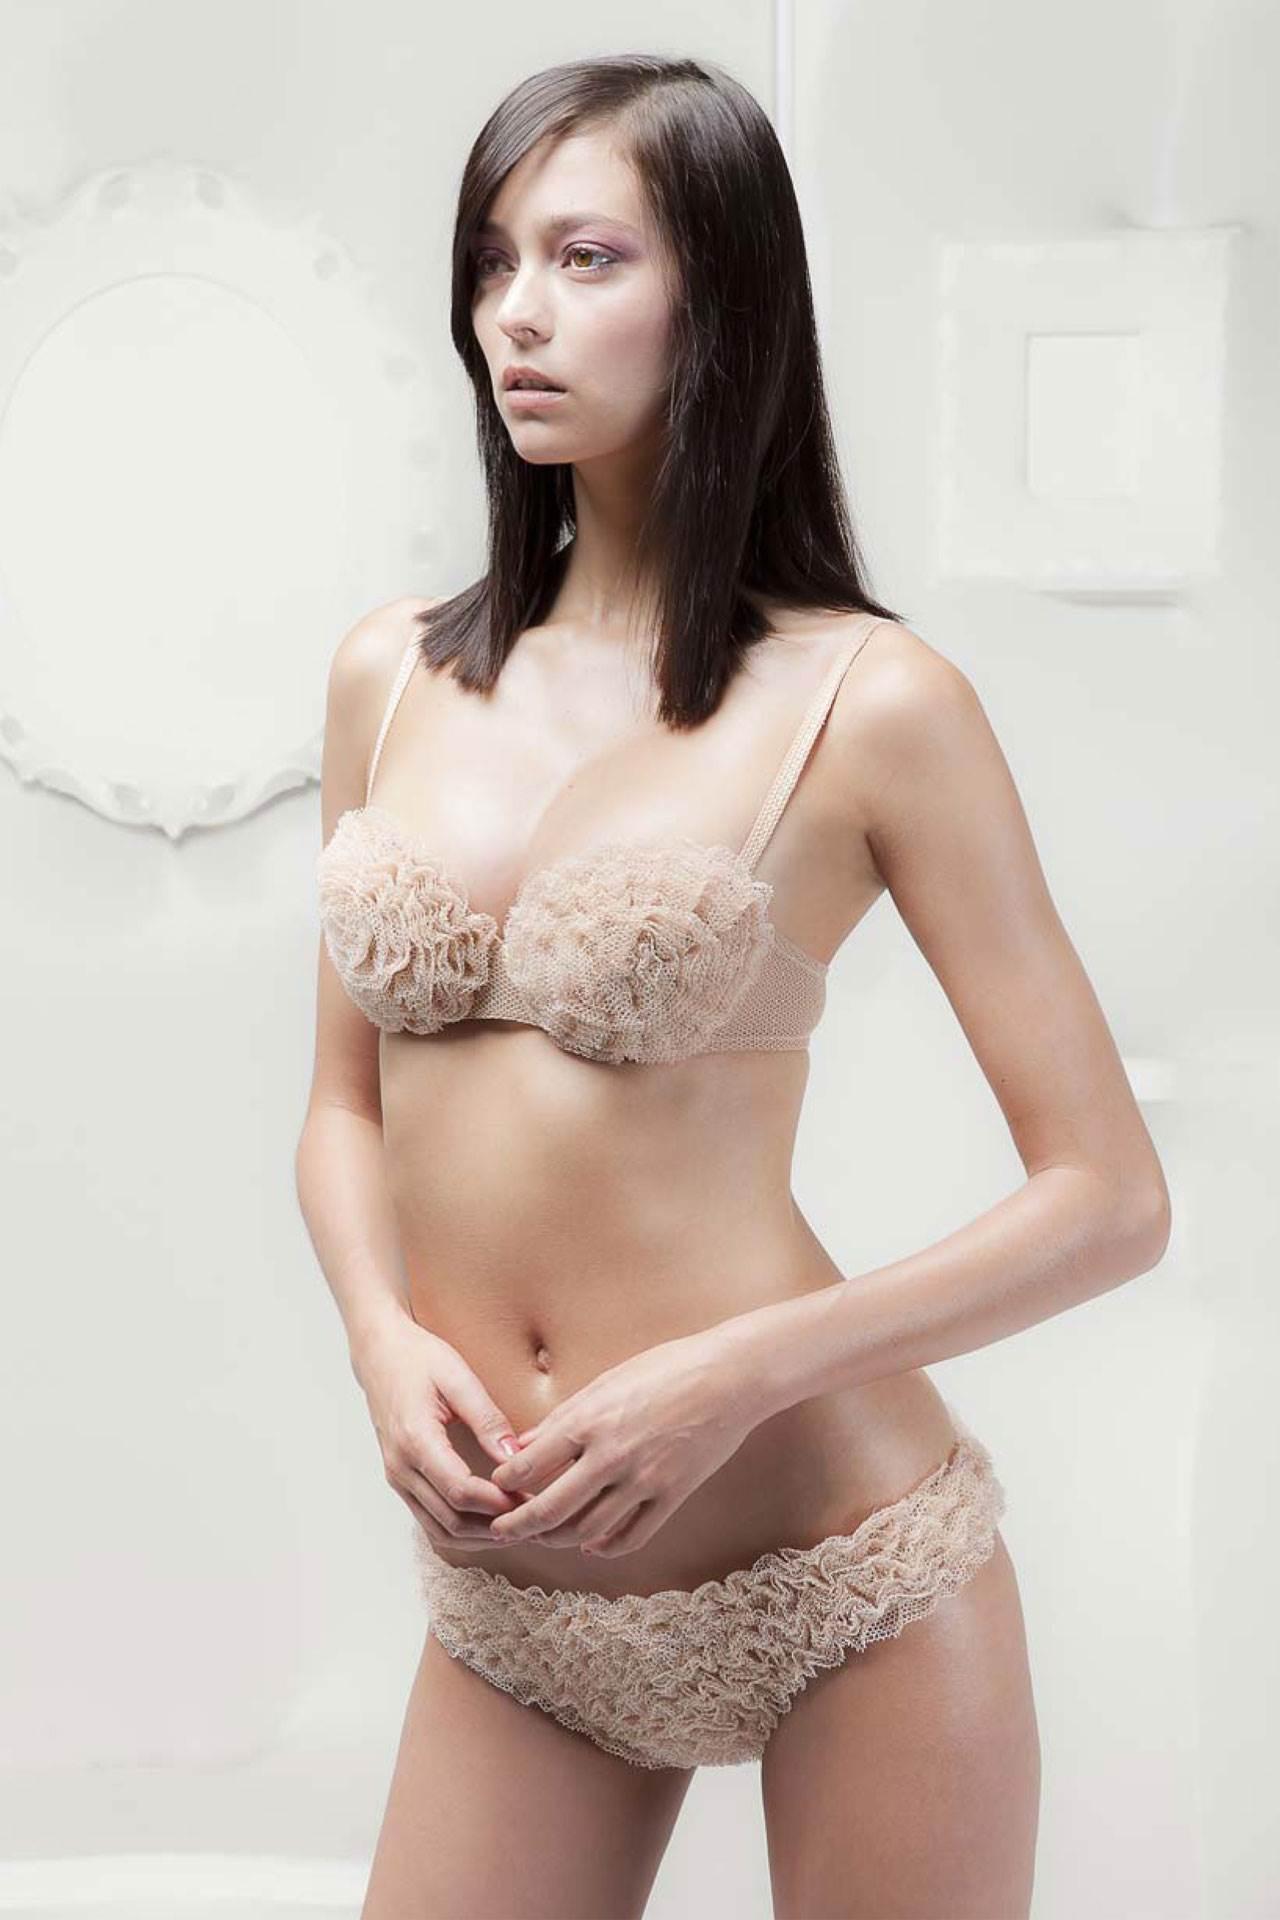 【外人】世界のトップモデルのモルガン・デュブレ(Morgane Dubled)のセクシー下着ポルノ画像 8157